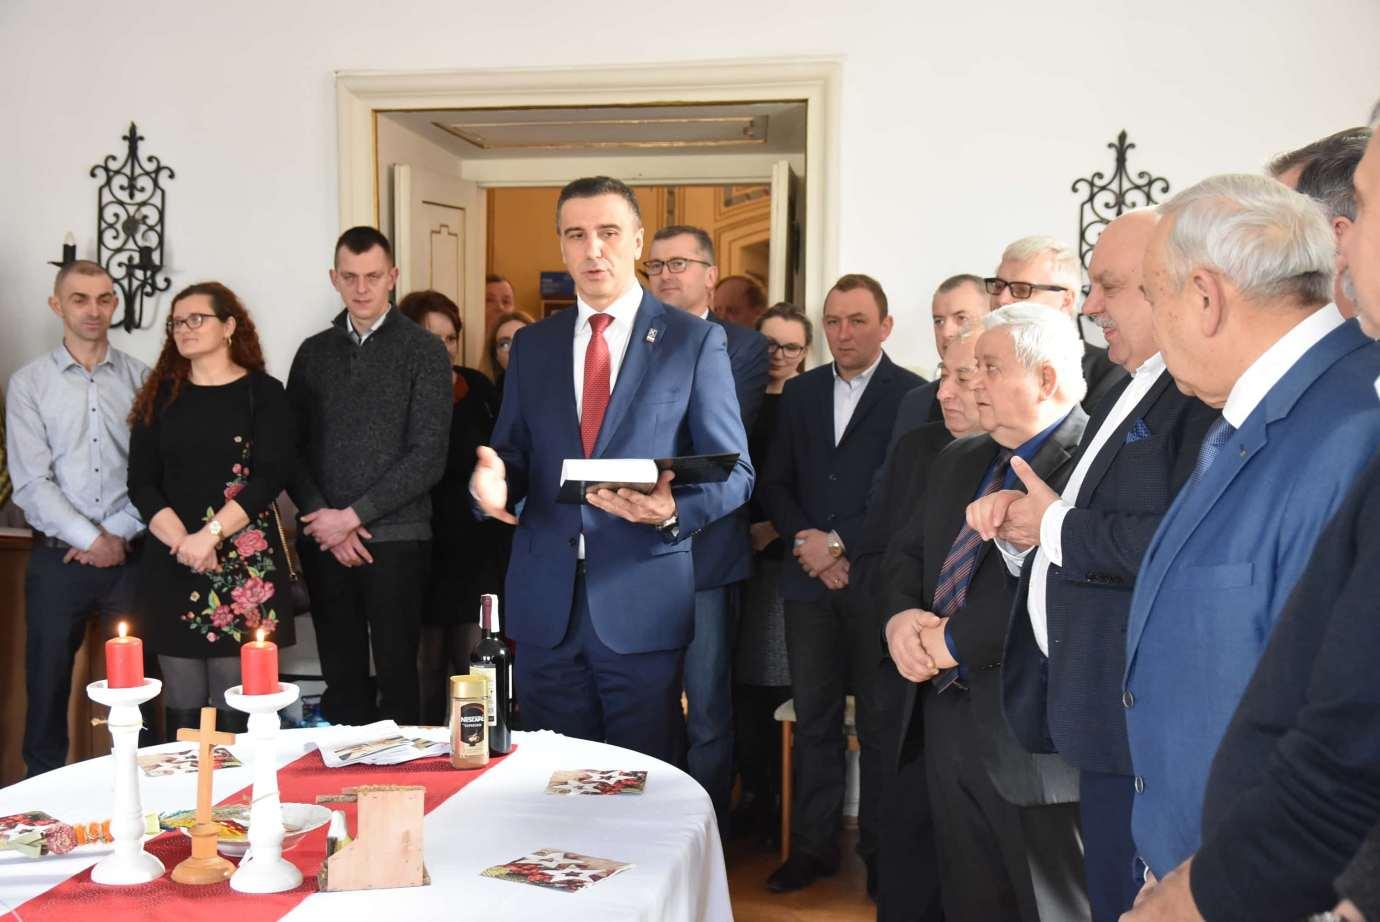 dsc 4024 Zamość: Otwarcie nowego biura poselskiego Jarosława Sachajko. [ZDJĘCIA, FILM]